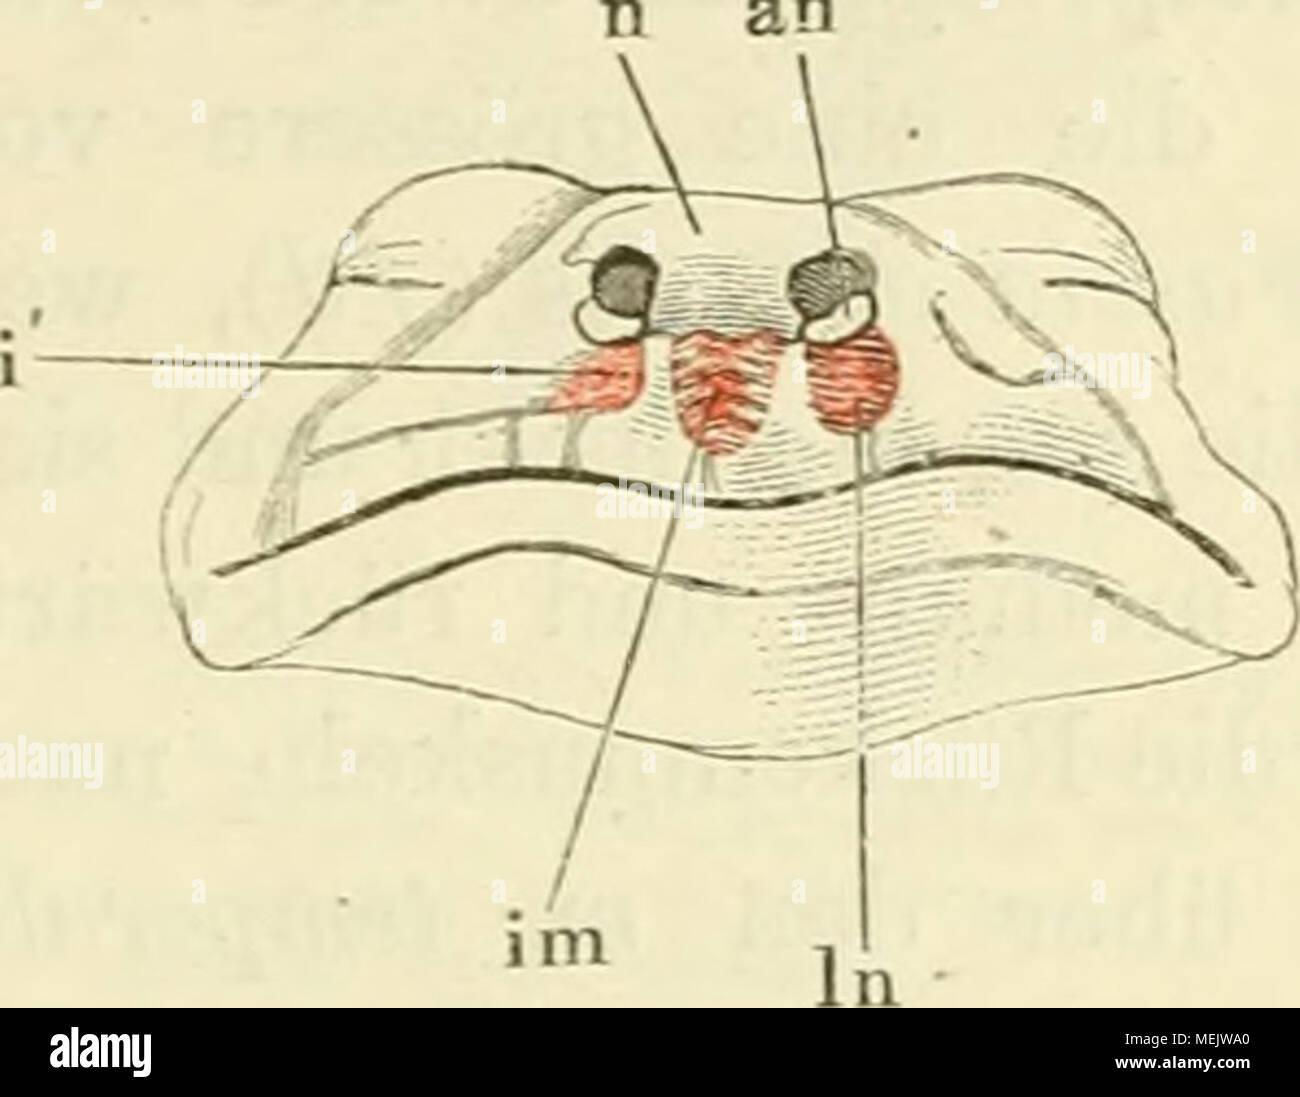 Fantastisch Gegenüber Der Medialen Anatomie Galerie - Menschliche ...